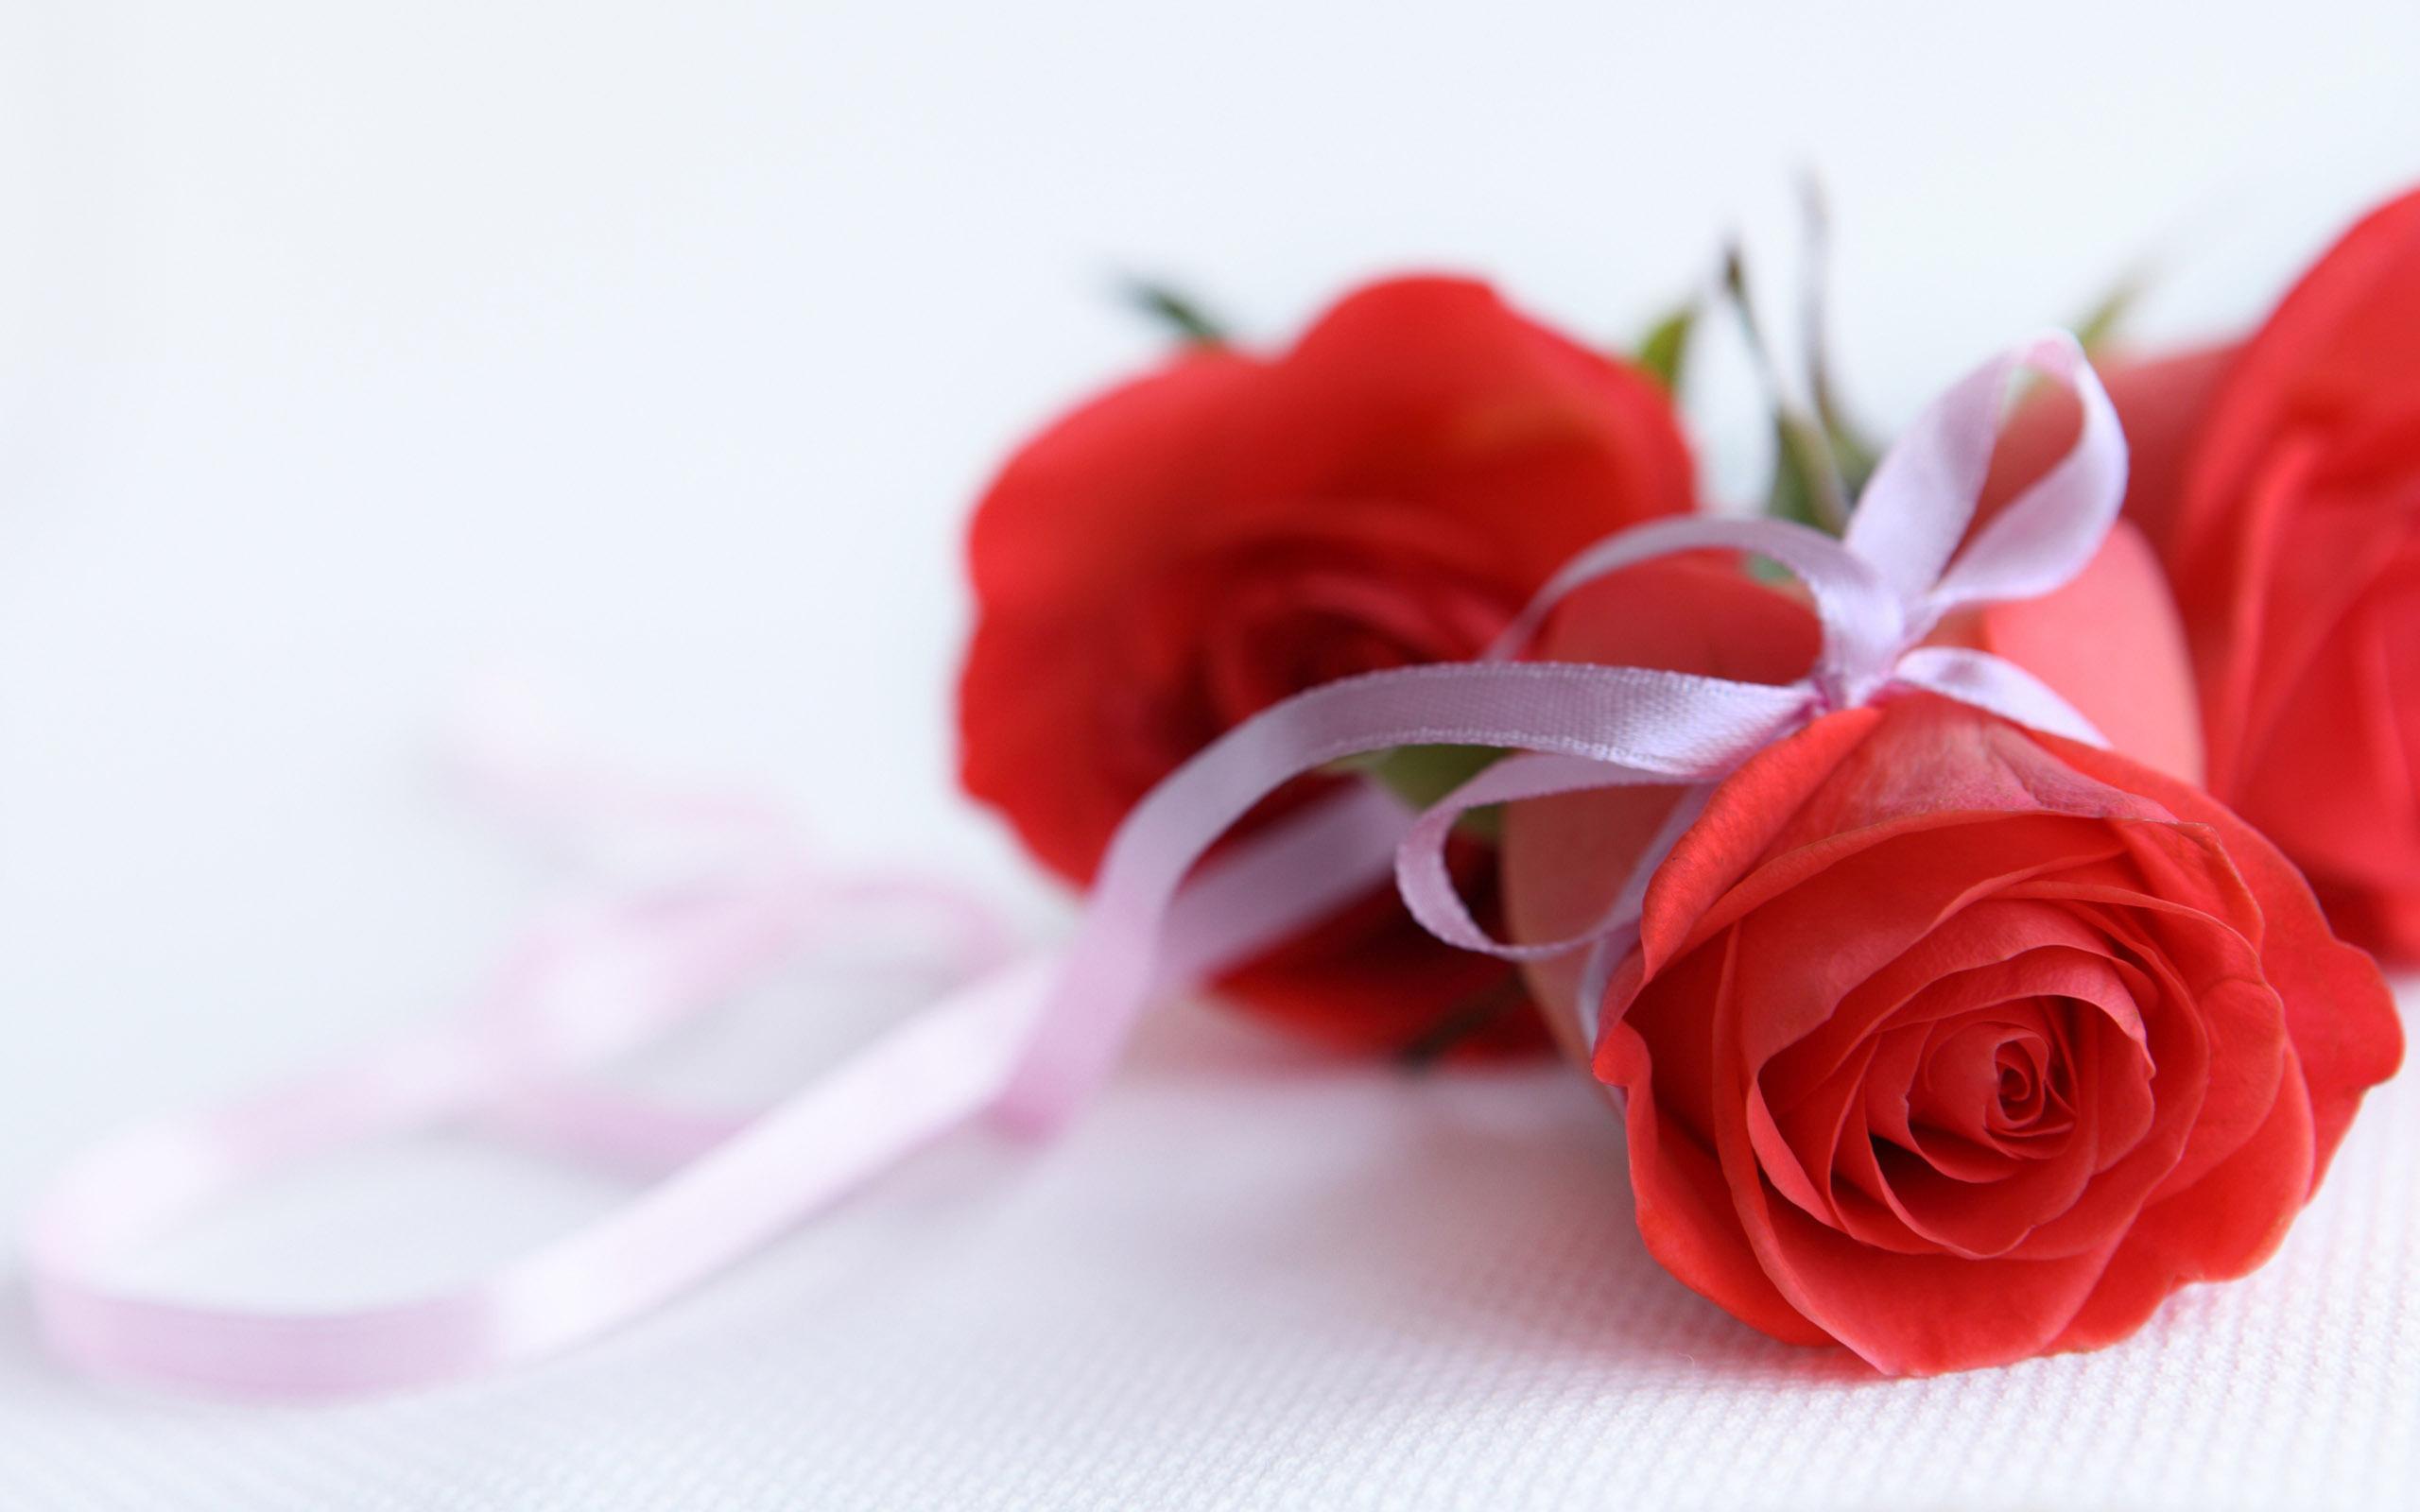 28353 скачать обои Растения, Цветы, Розы, Букеты - заставки и картинки бесплатно